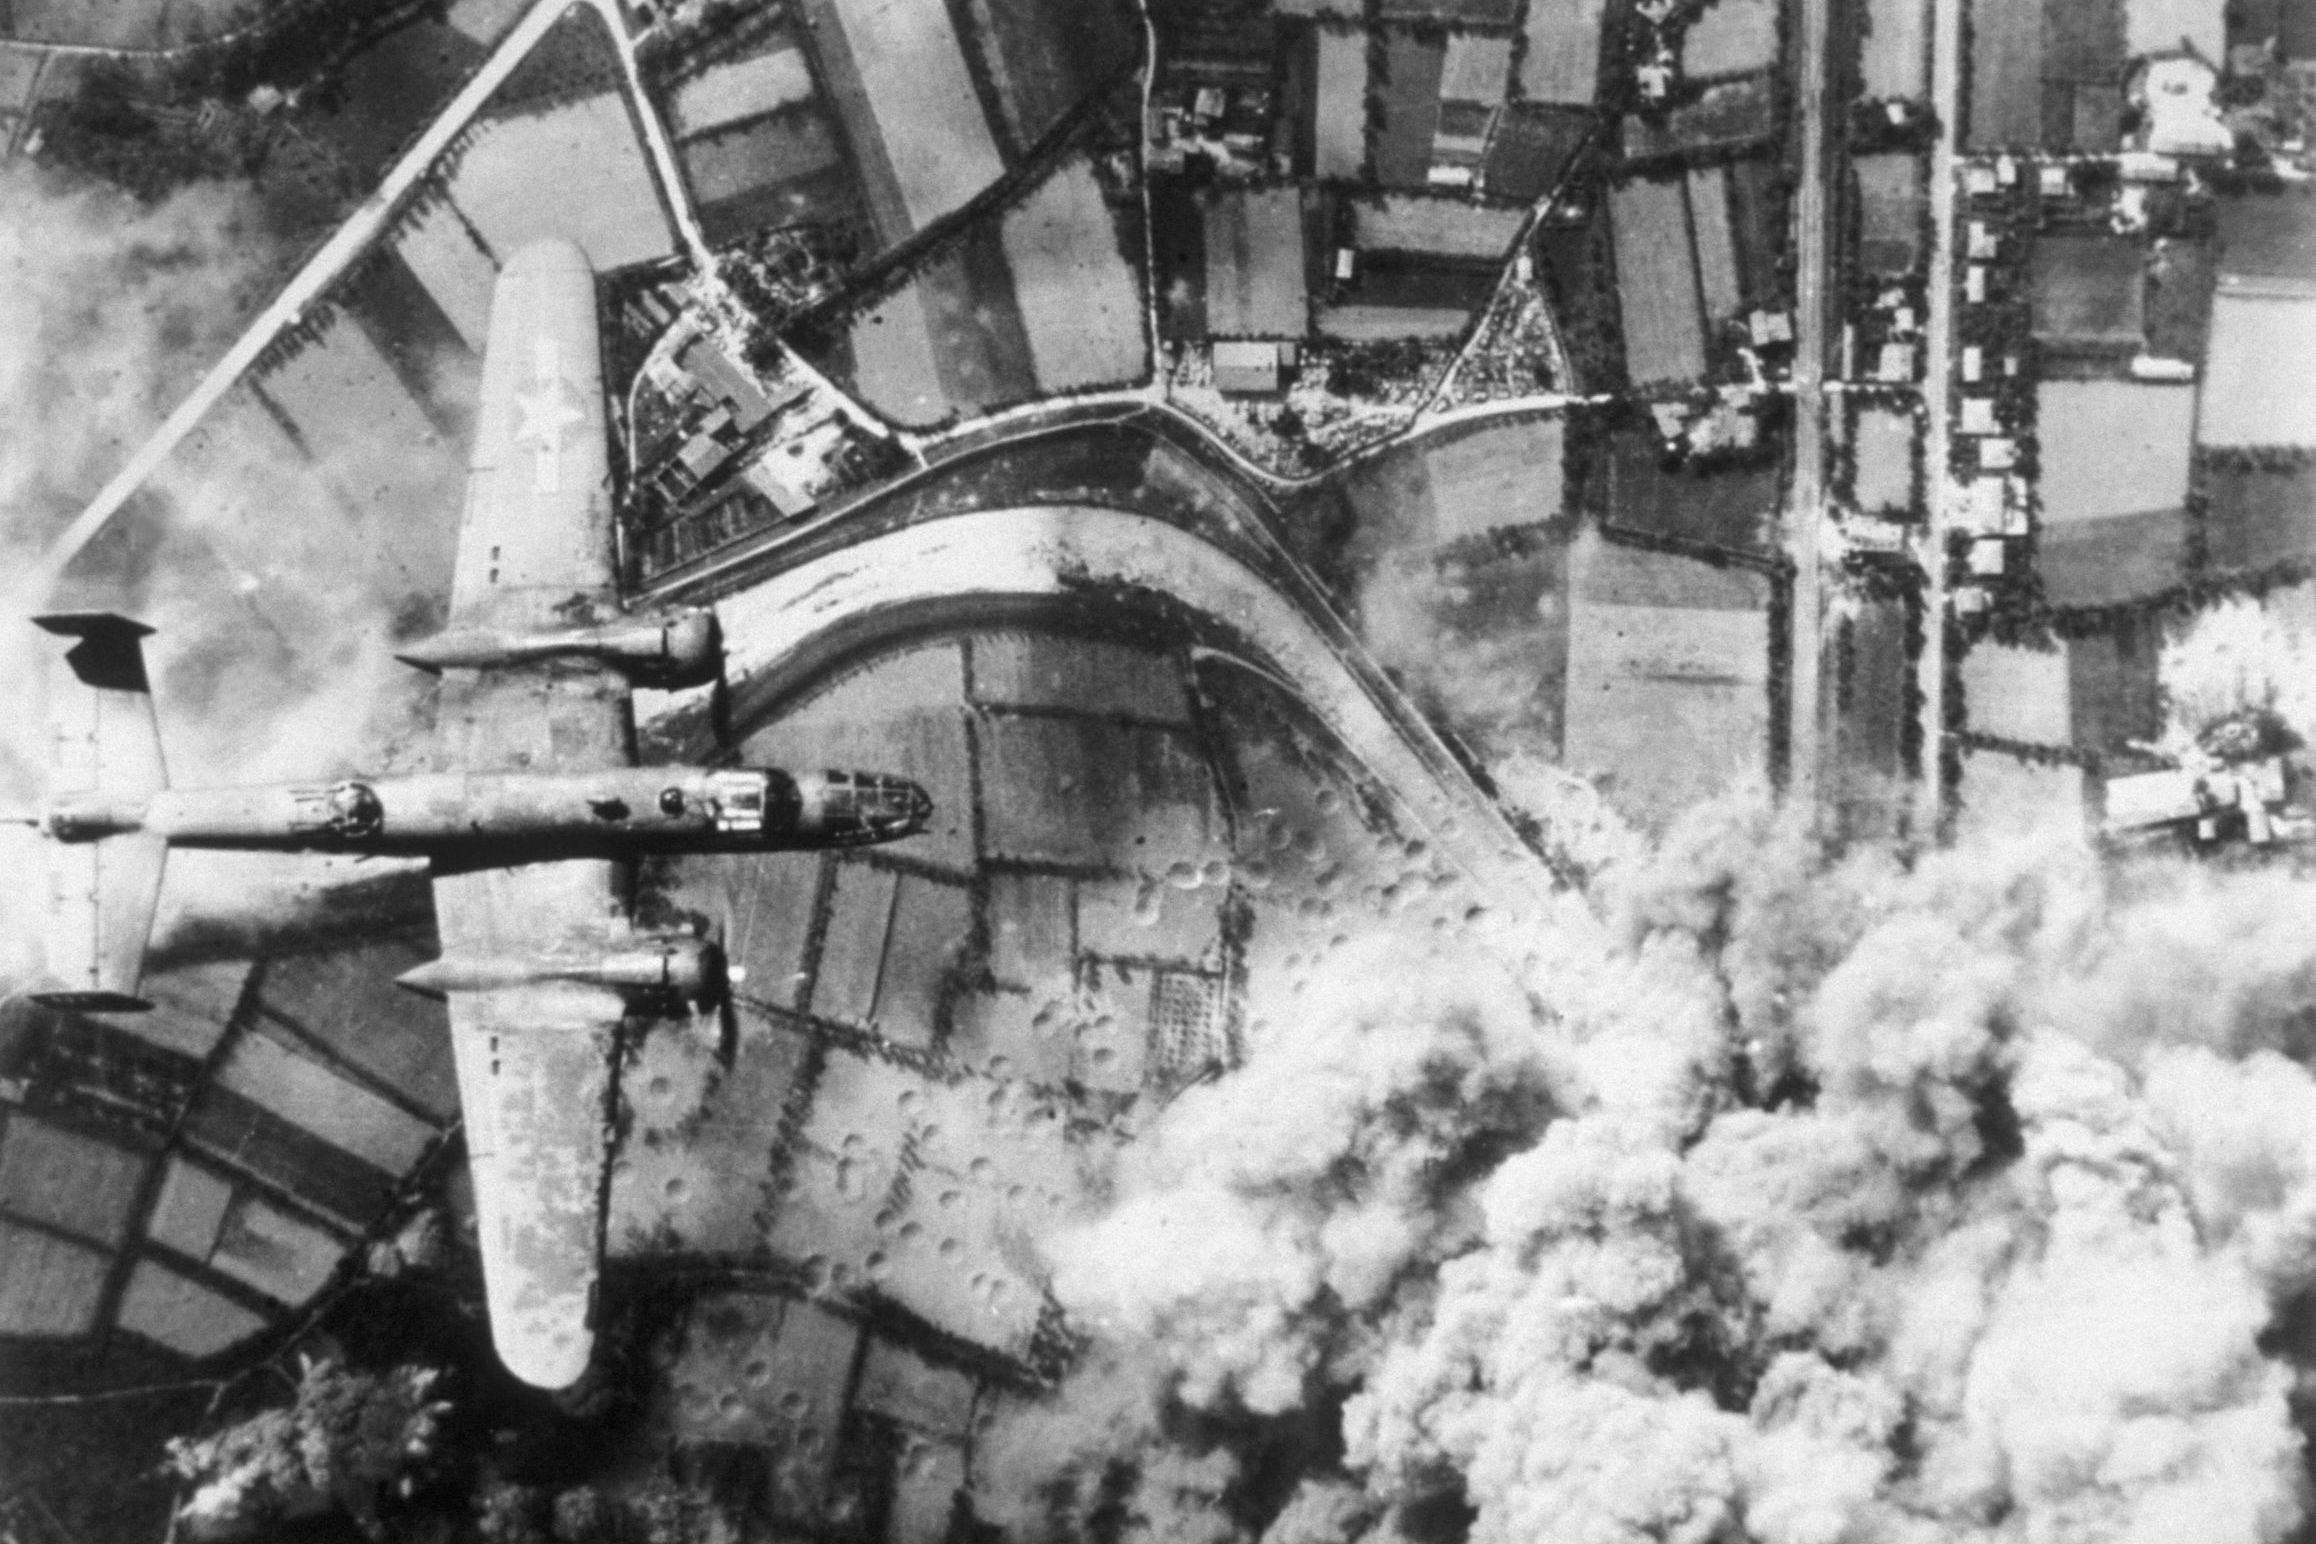 Toneladas de explosivos de guerra detetados todos os anos na Áustria